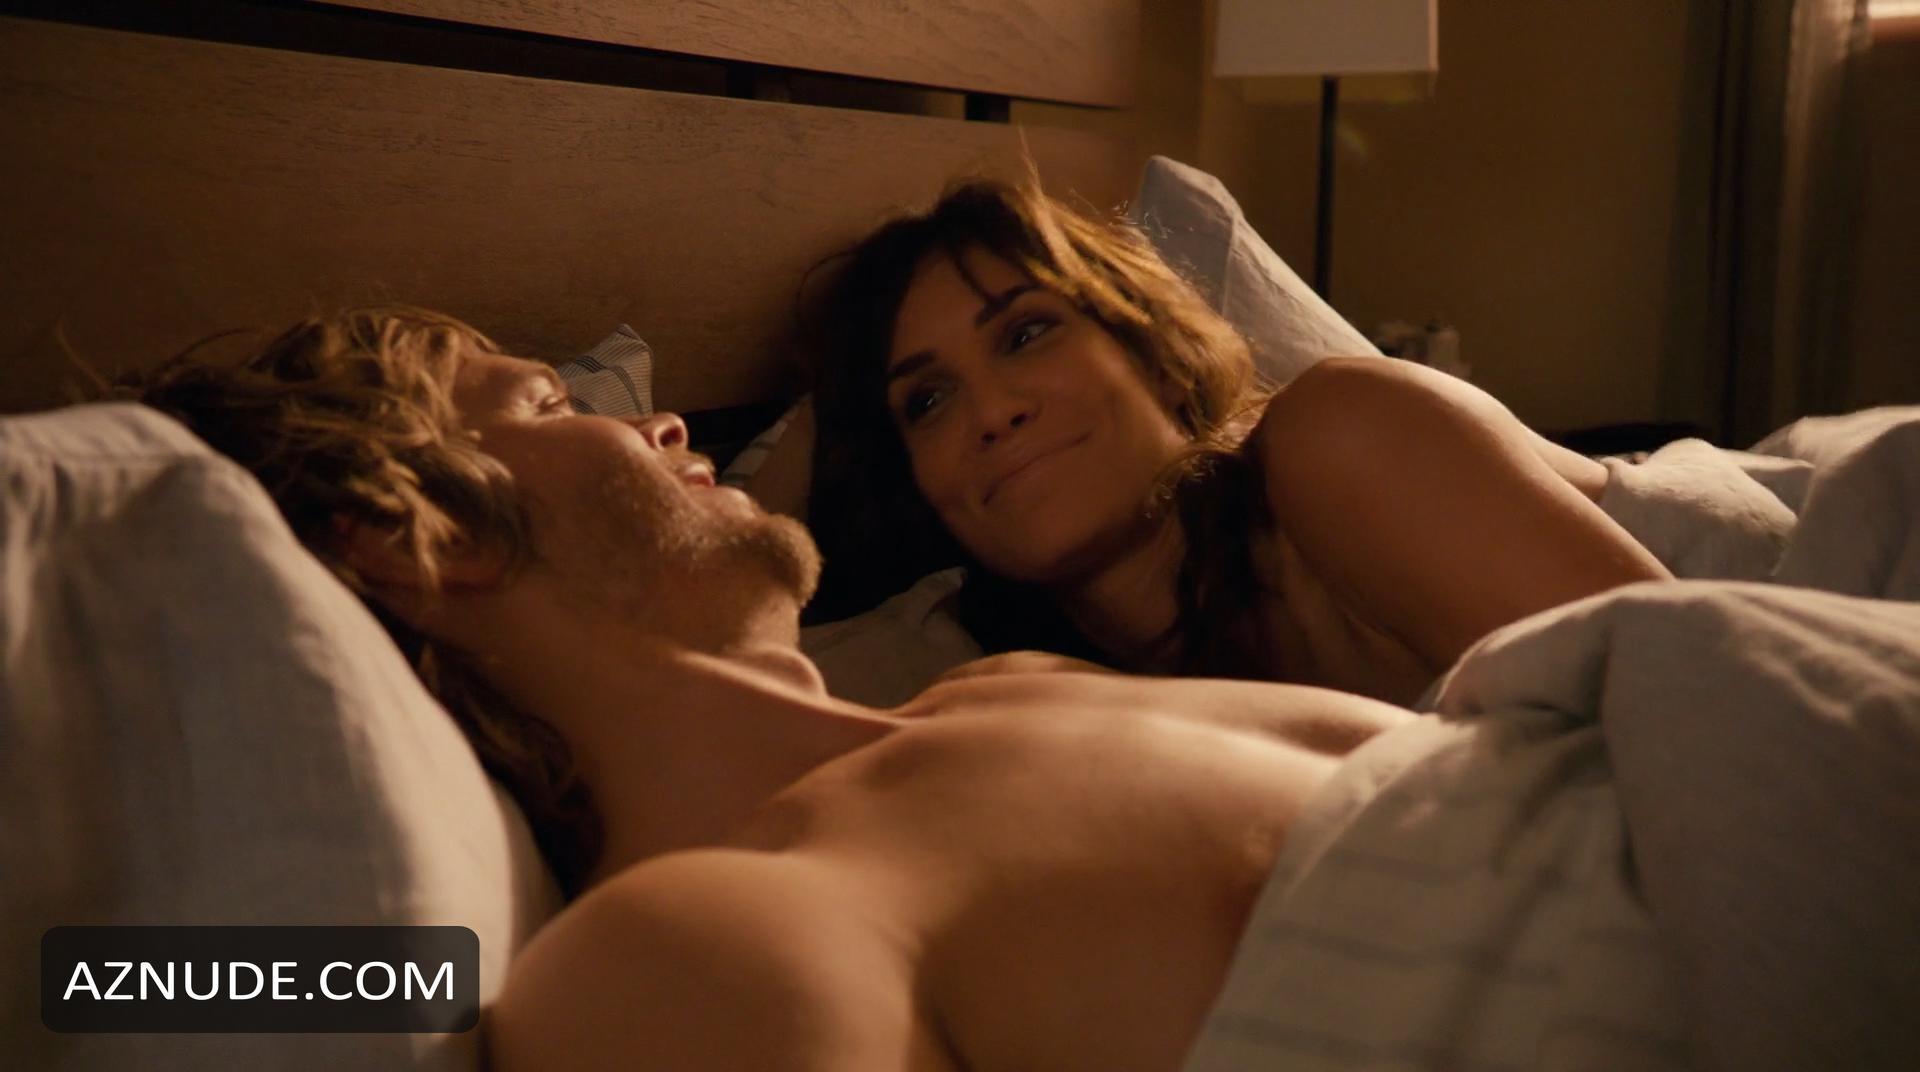 Ncis Los Angeles Nude Scenes - Aznude Men-9074